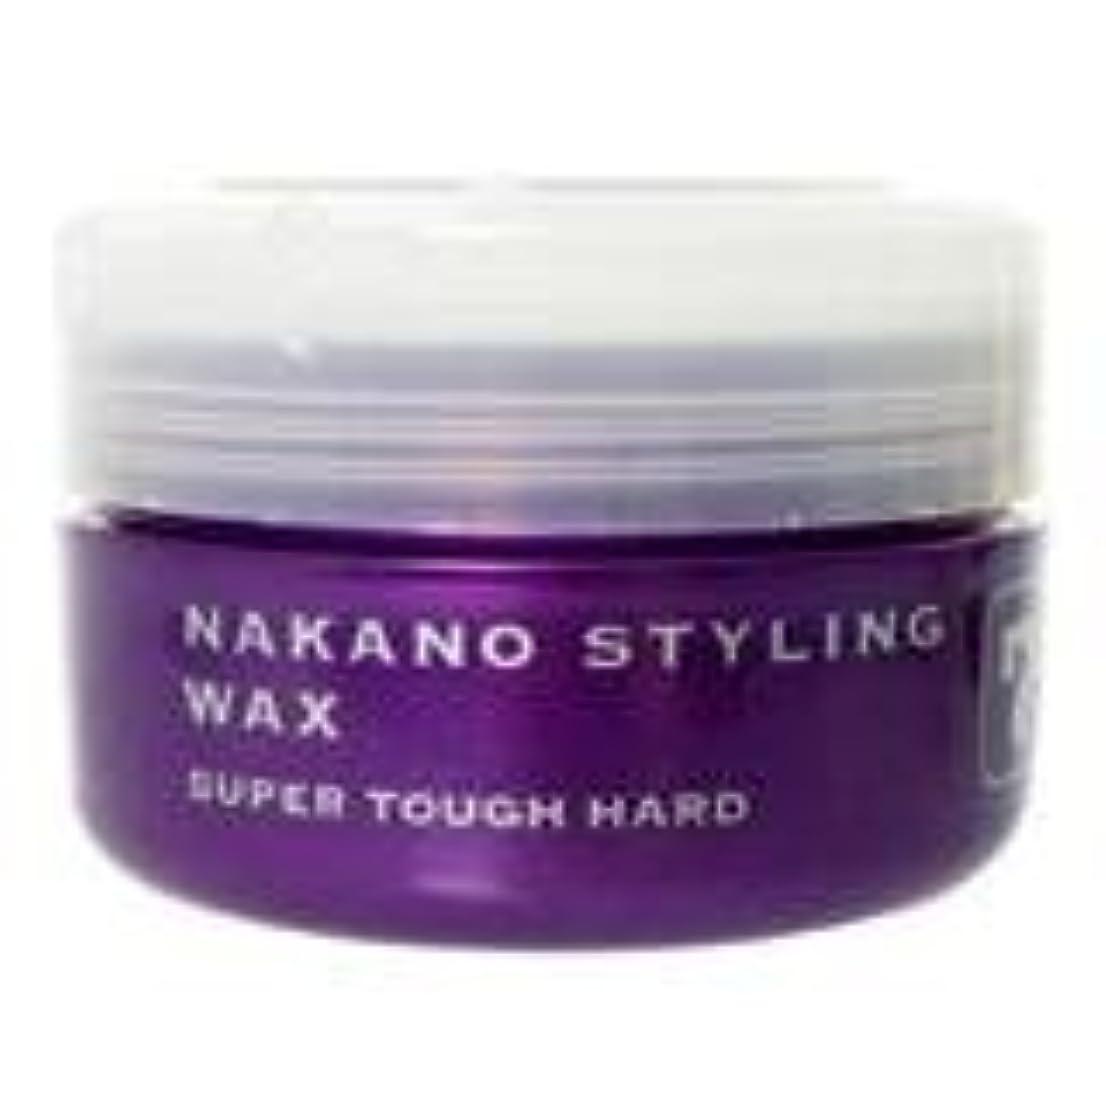 スリム油さらにナカノ スタイリングワックス 7 スーパータフハード 90g 中野製薬 NAKANO